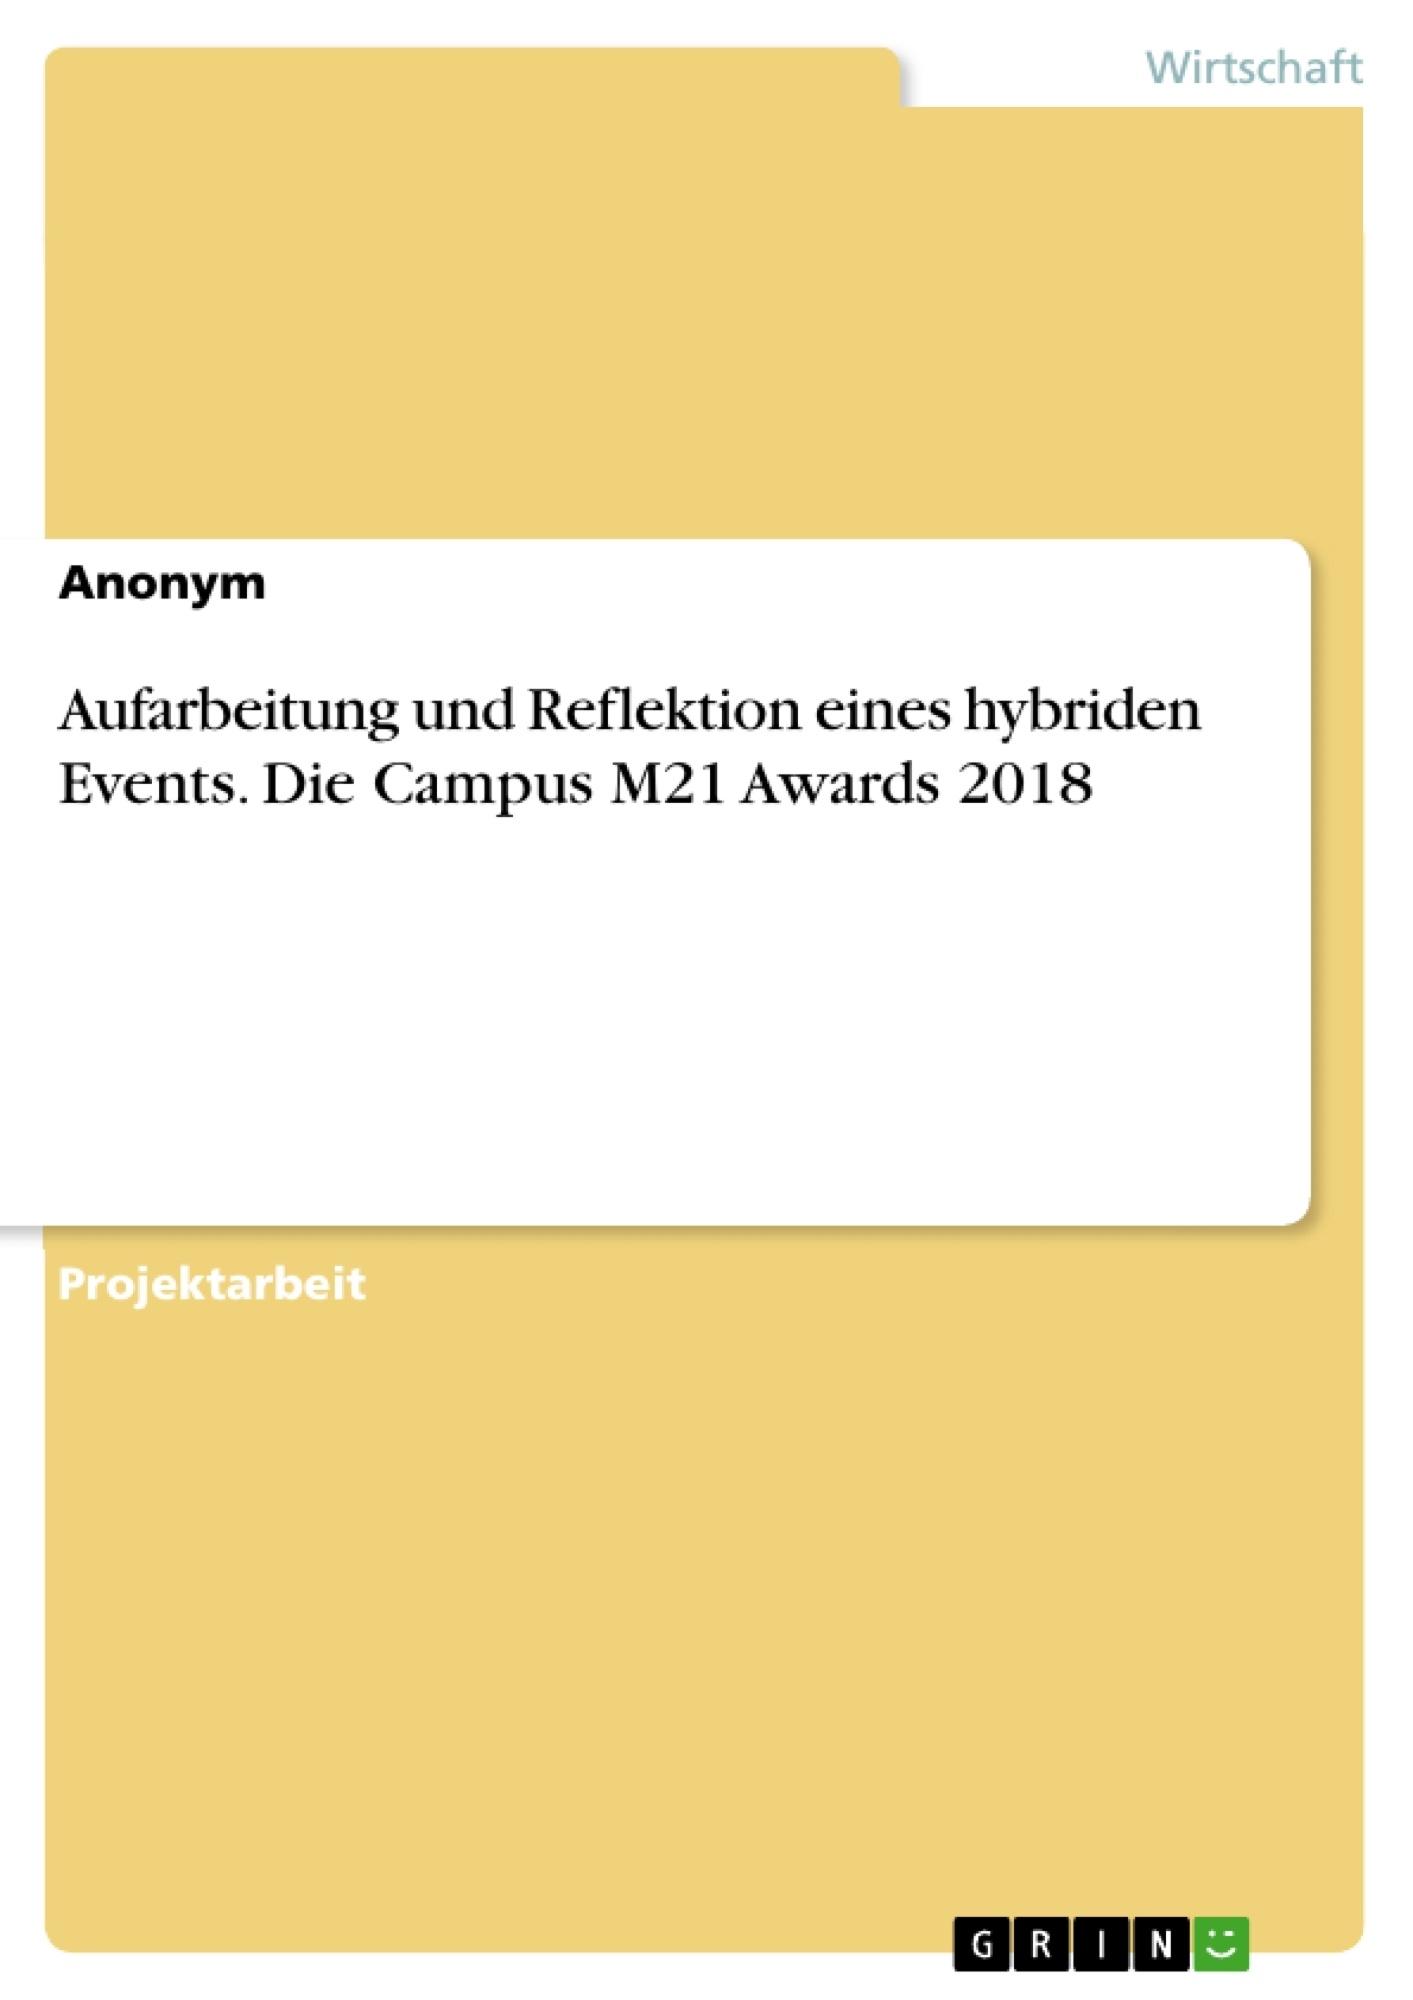 Titel: Aufarbeitung und Reflektion eines hybriden Events. Die Campus M21 Awards 2018